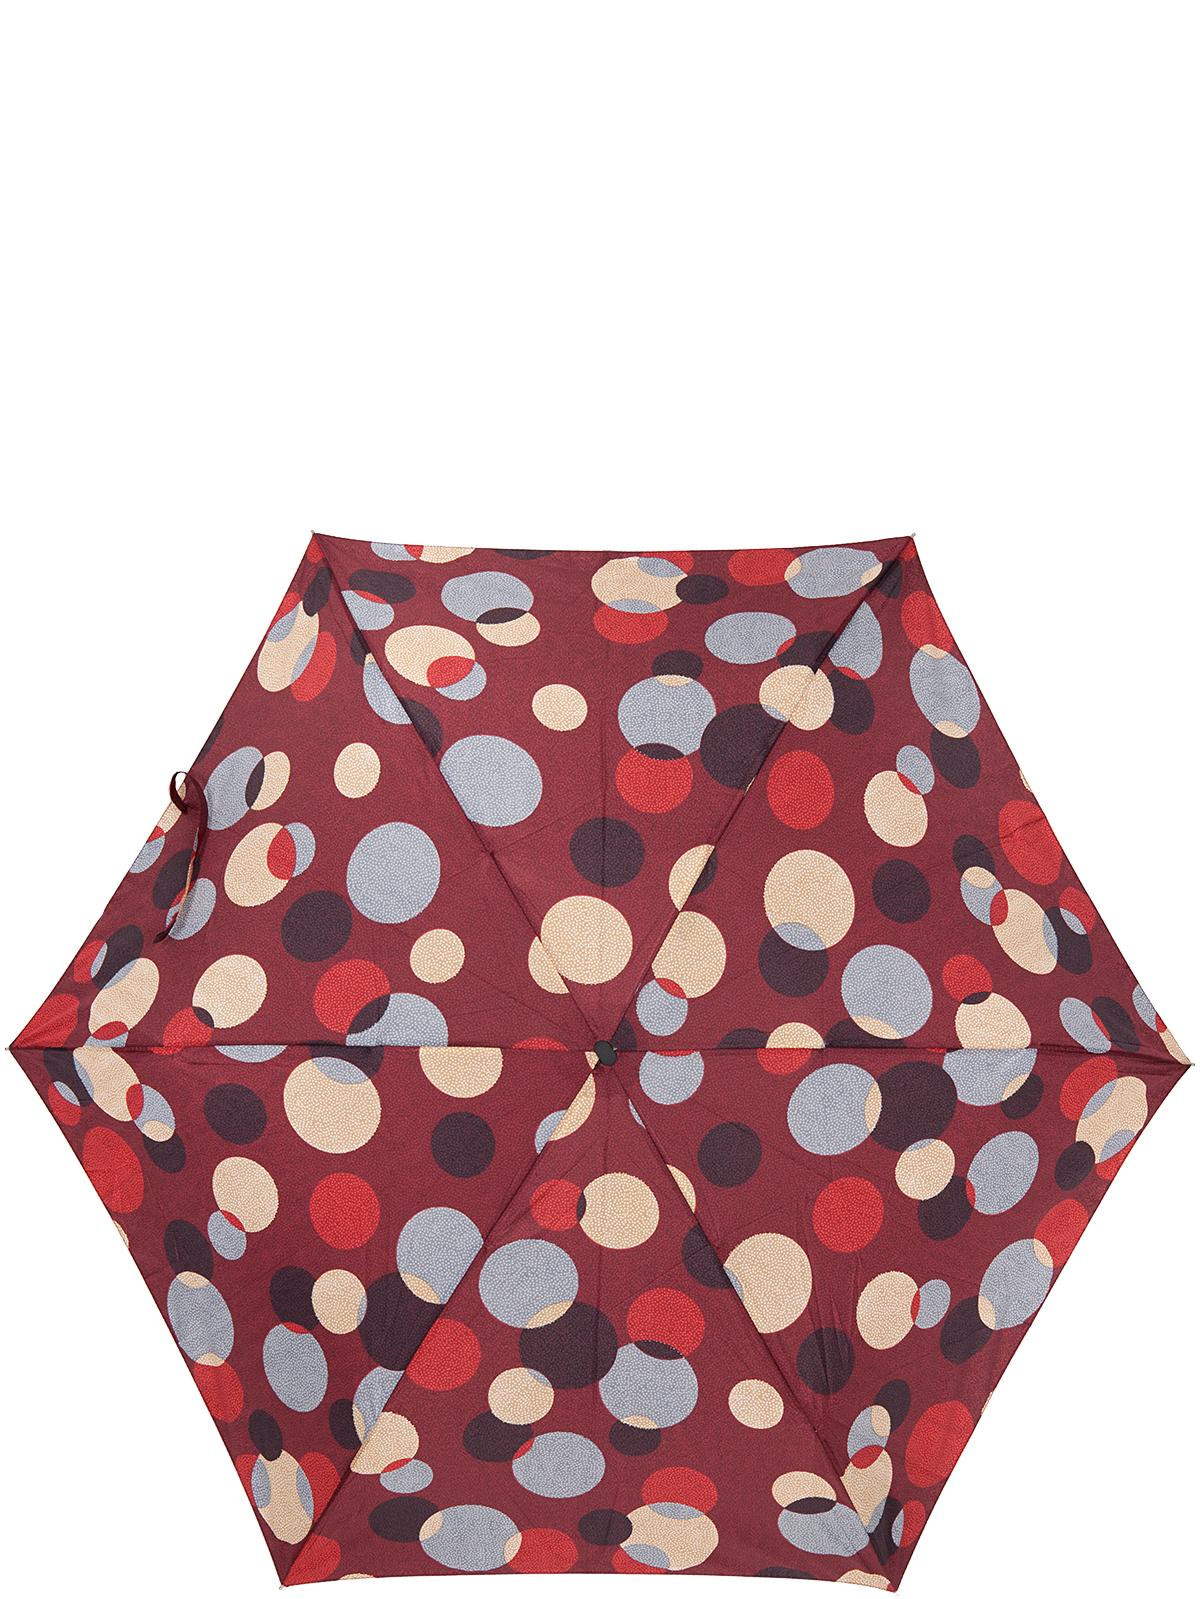 Зонт женский Labbra, цвет: бордовый. A3-05-LF102A3-05-LF102Женский зонт-автомат торговой марки LABBRA. Купол: 100% полиэстер, эпонж. Материал каркаса: сталь + алюминий + фибергласс. Материал ручки: пластик. Длина изделия - 28 см. Диаметр купола - 96 см.